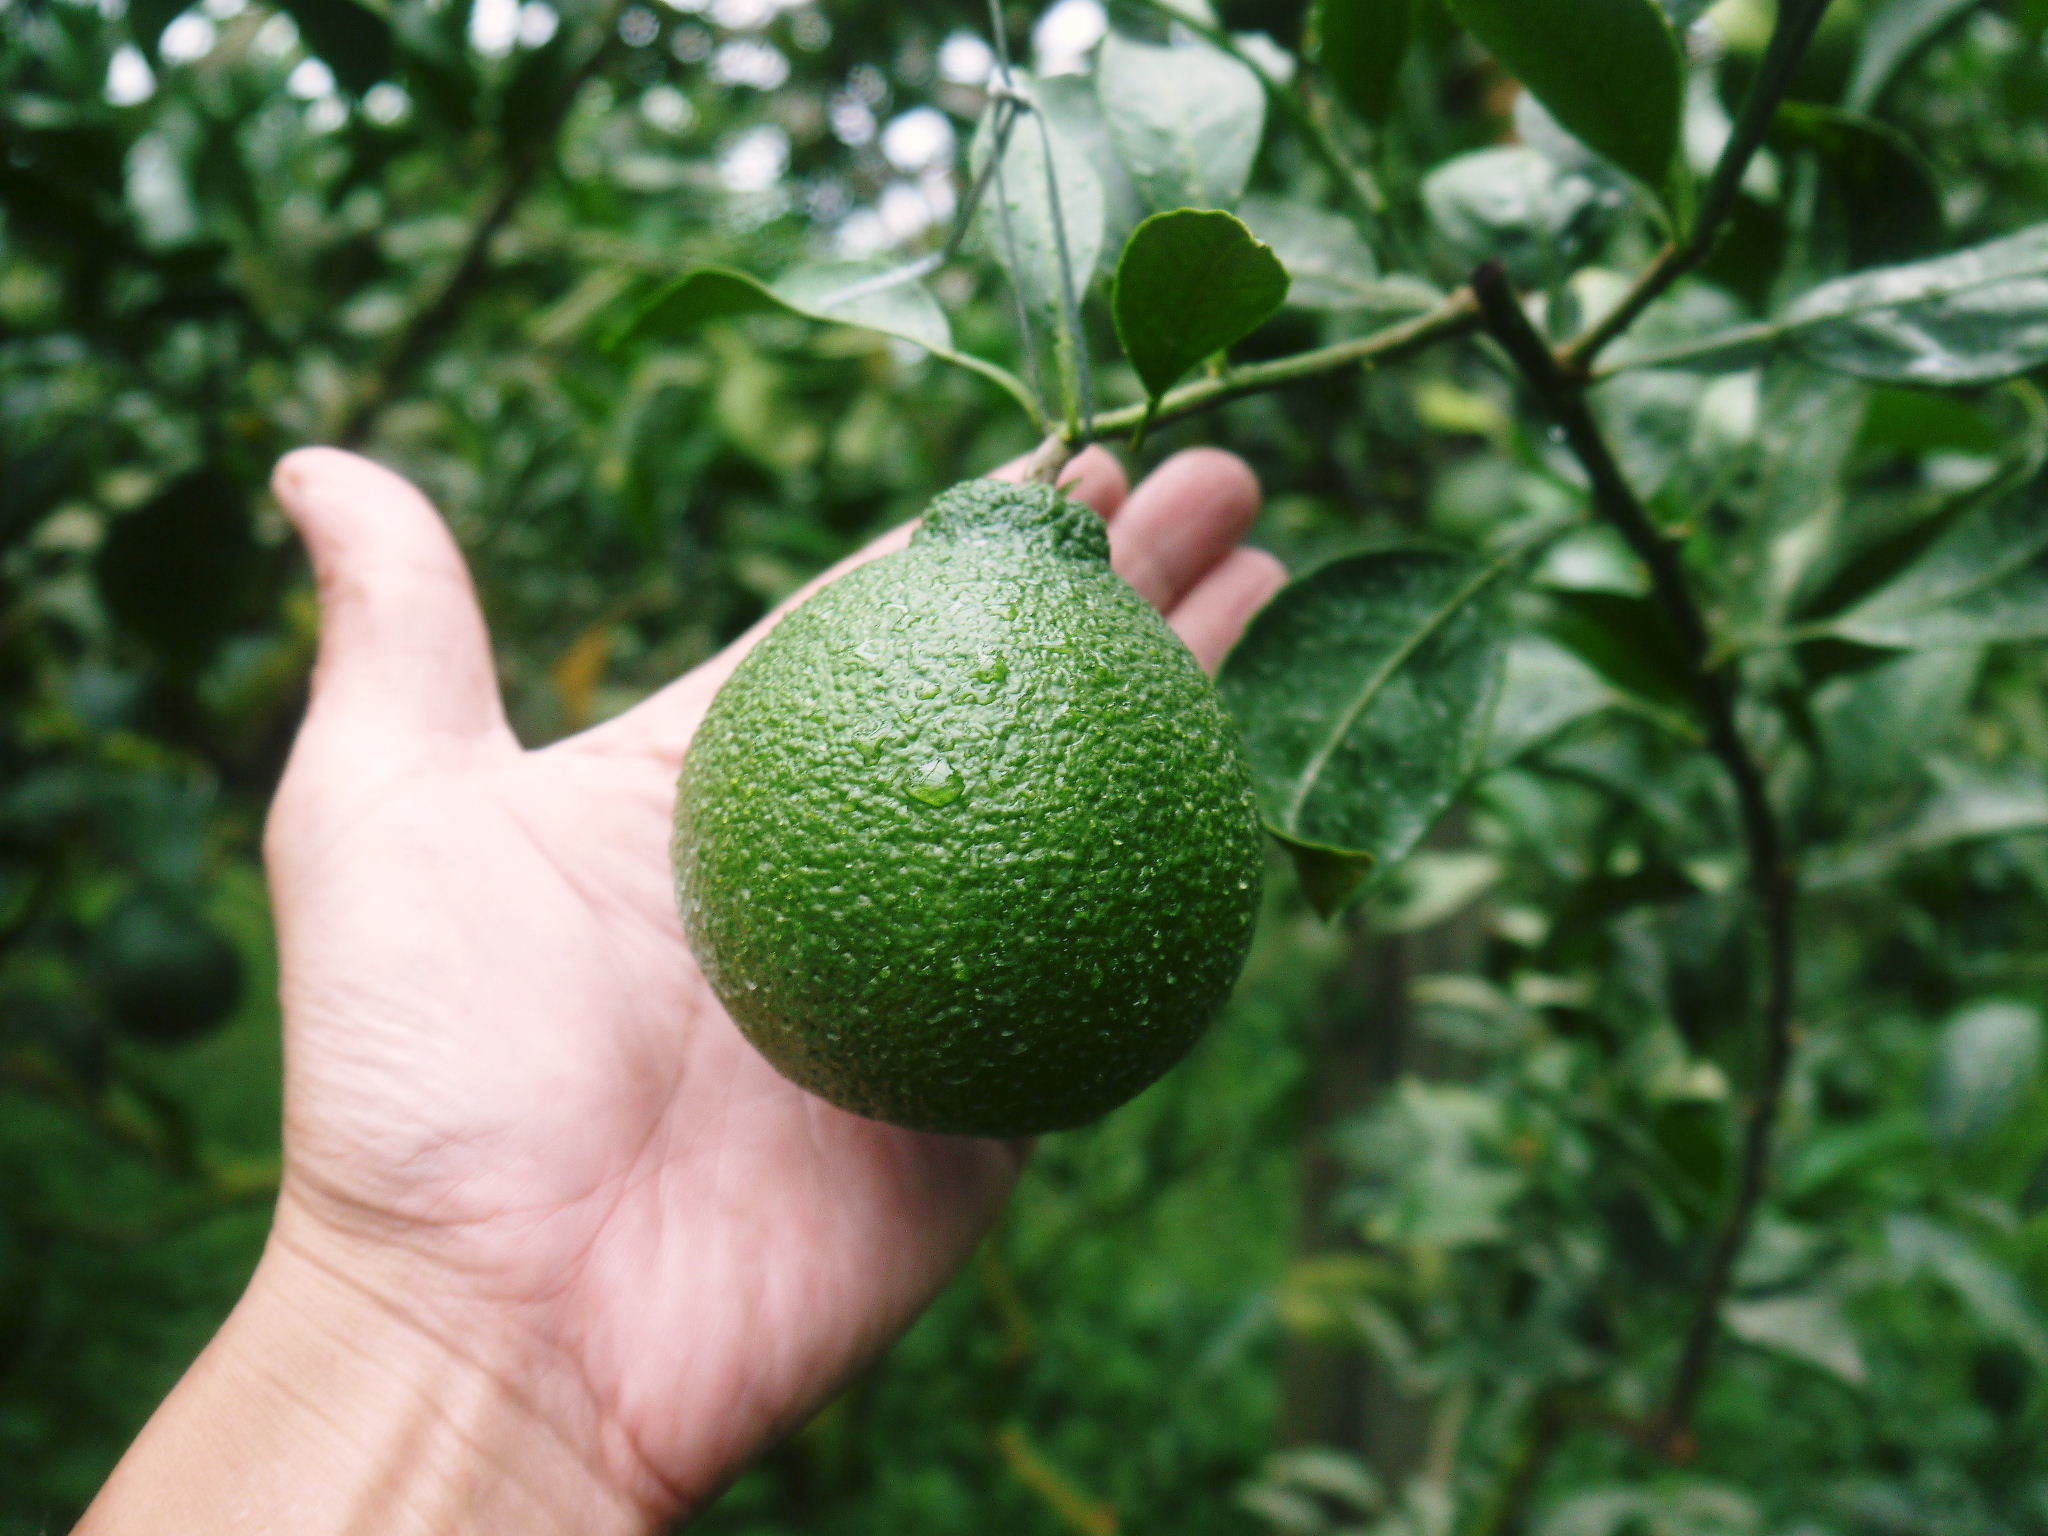 デコポン(肥後ポン) 果実の成長の様子(2021) 来年の花芽となる夏芽も元気に育っています!(前編) _a0254656_18393683.jpg